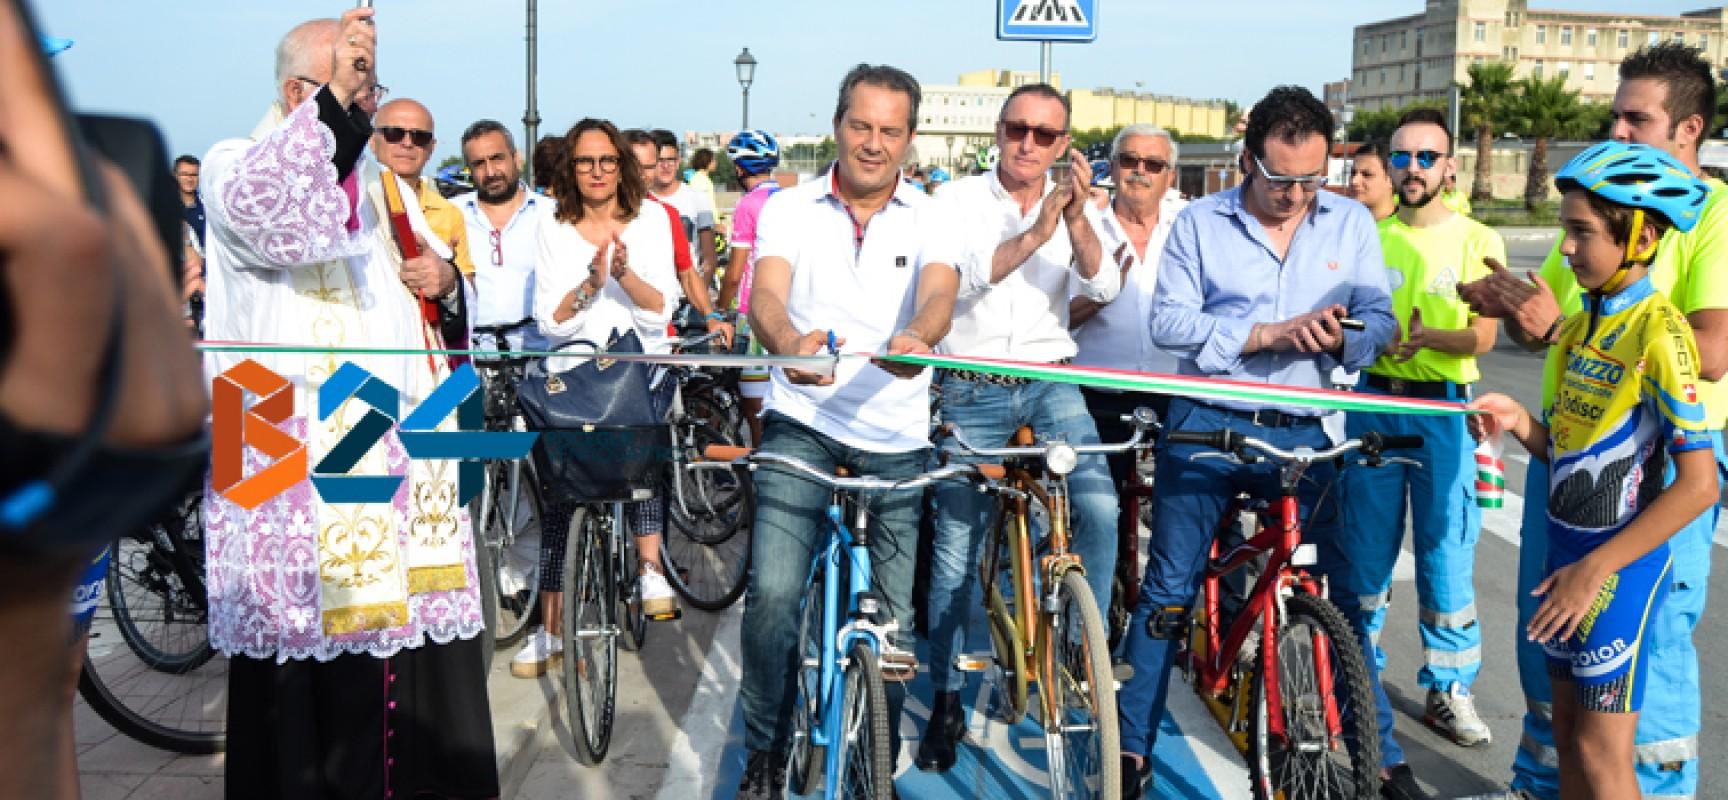 """Inaugurata la pista ciclabile, Spina: """"Vero progetto di mobilità sostenibile"""" / FOTO"""